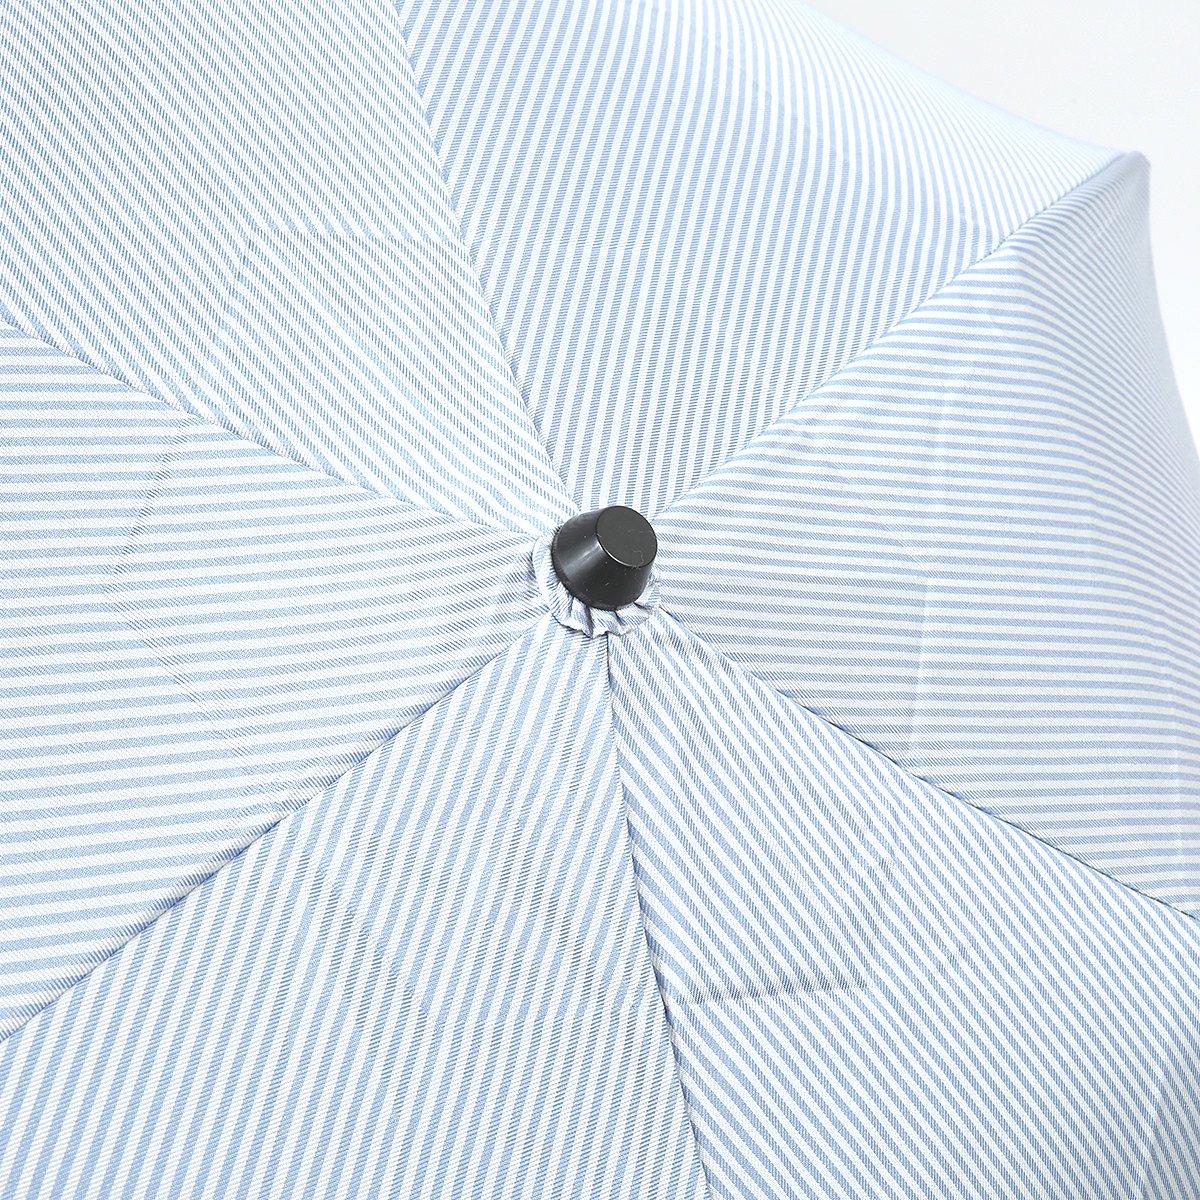 キャンディーストライプ オールシーズン 折りたたみ 日傘 詳細画像8